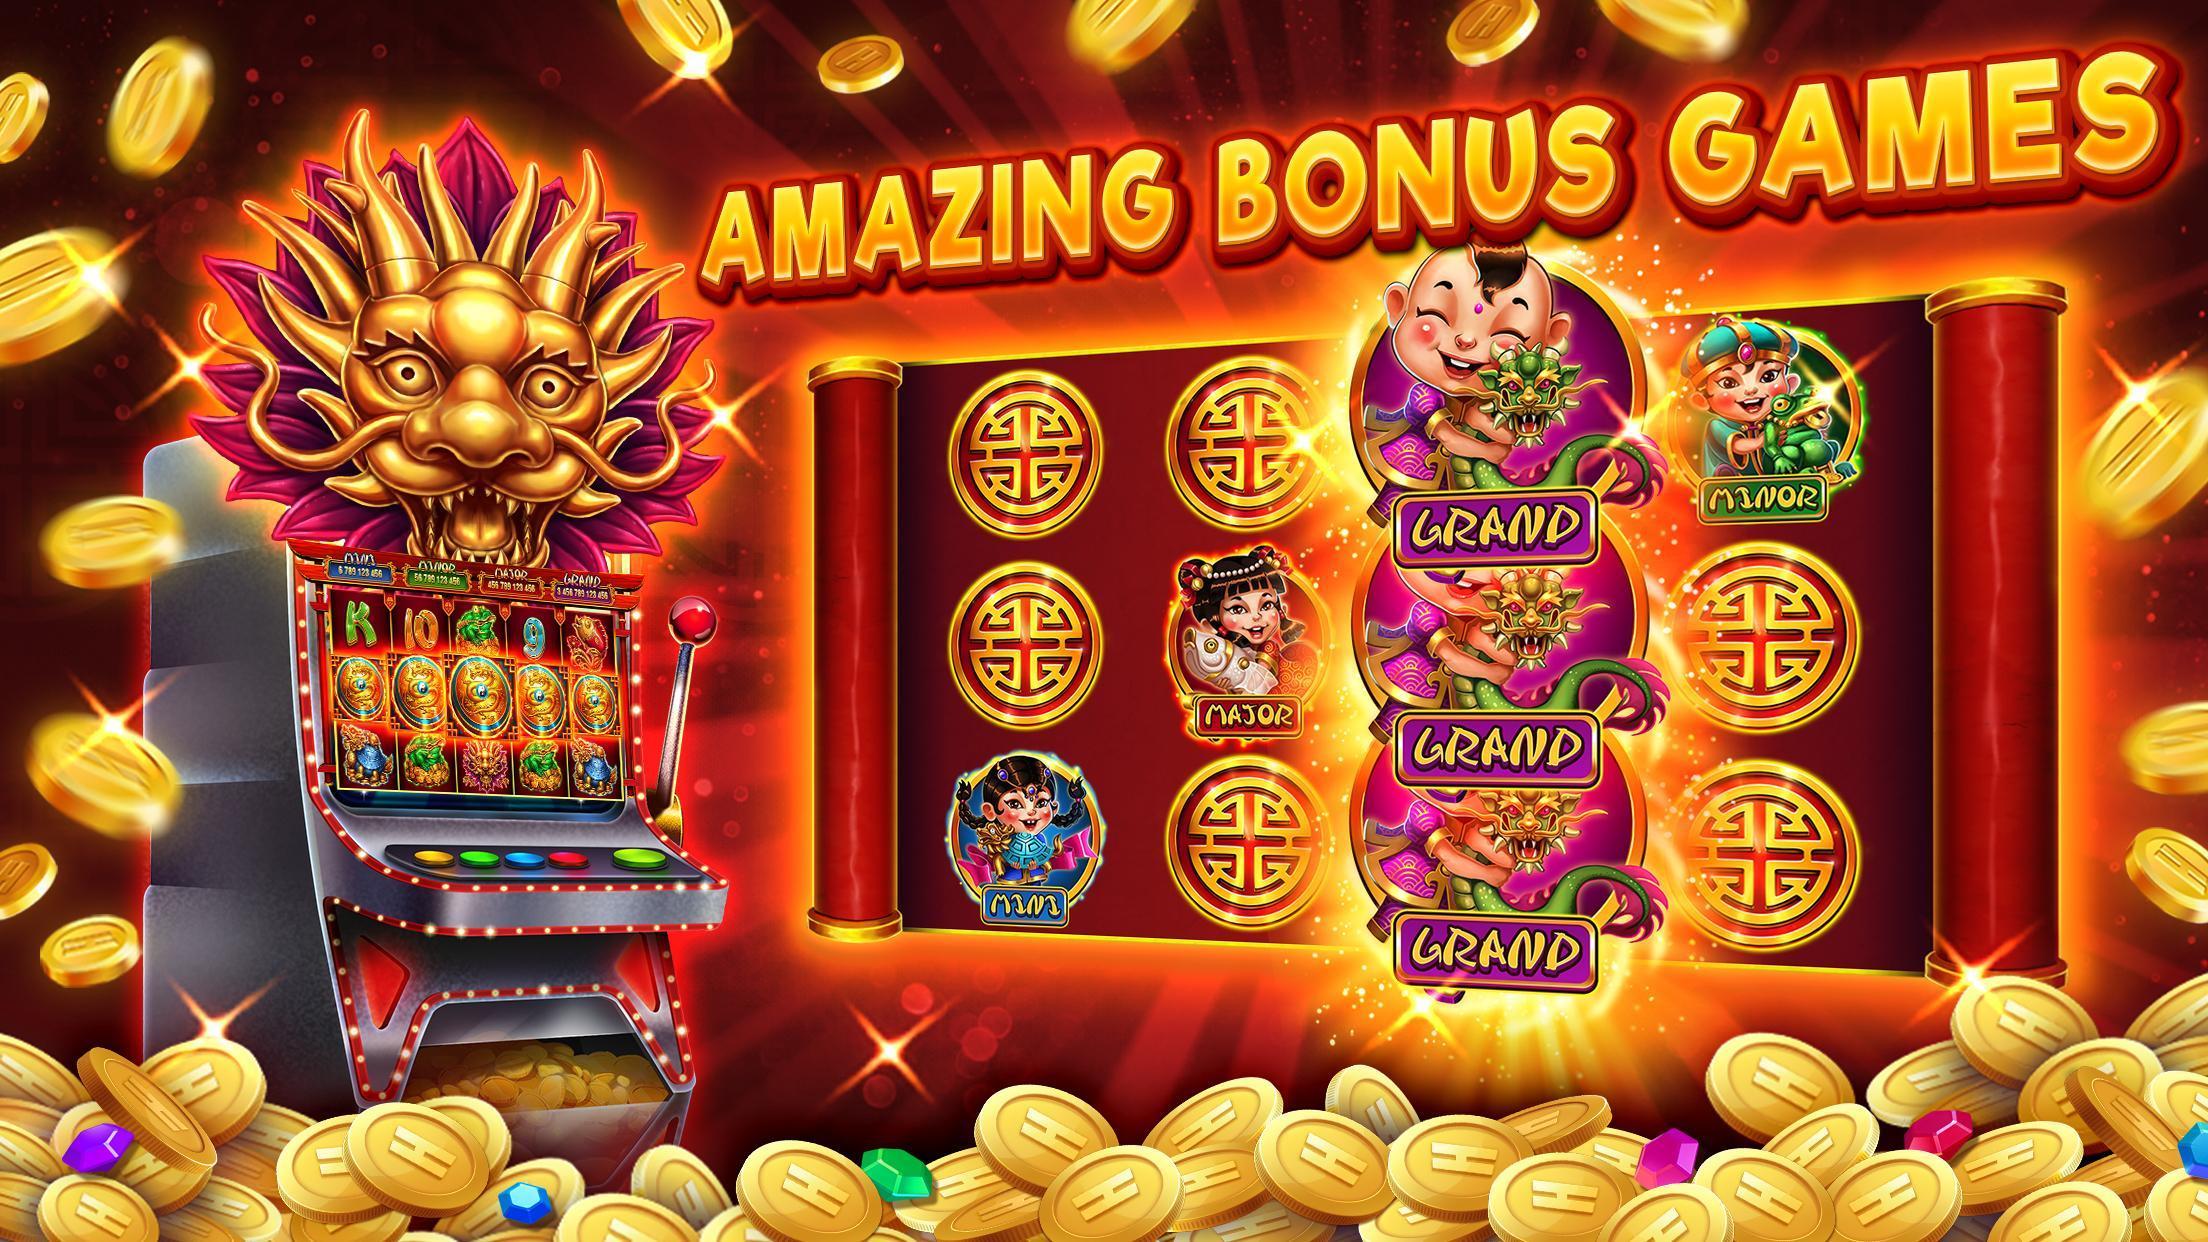 Huuuge Casino Slots - Best Slot Machines 6.1.2700 Screenshot 5